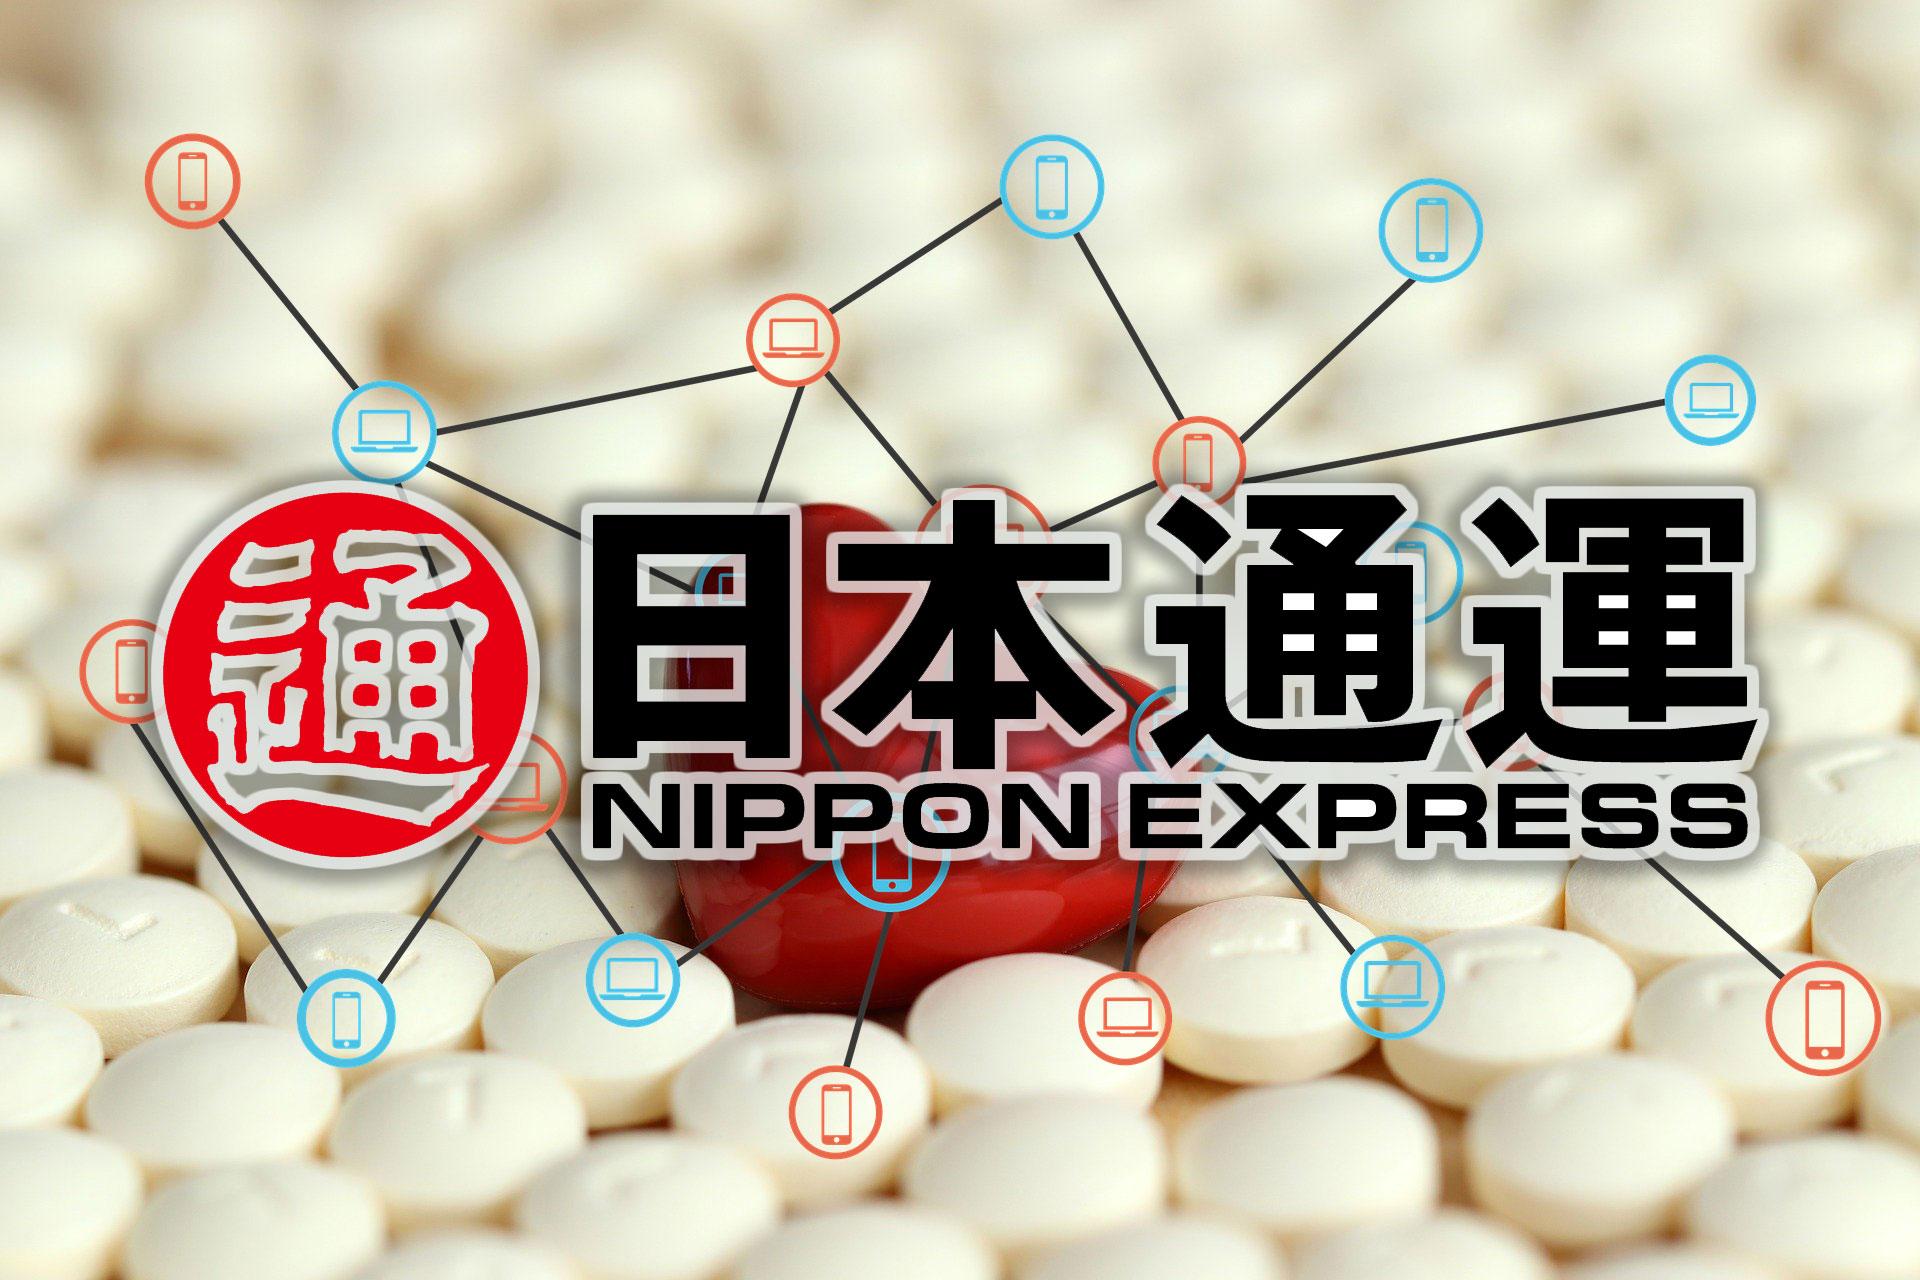 日本通運、ブロックチェーンで輸送網整備!偽造医薬品の混入防止へ